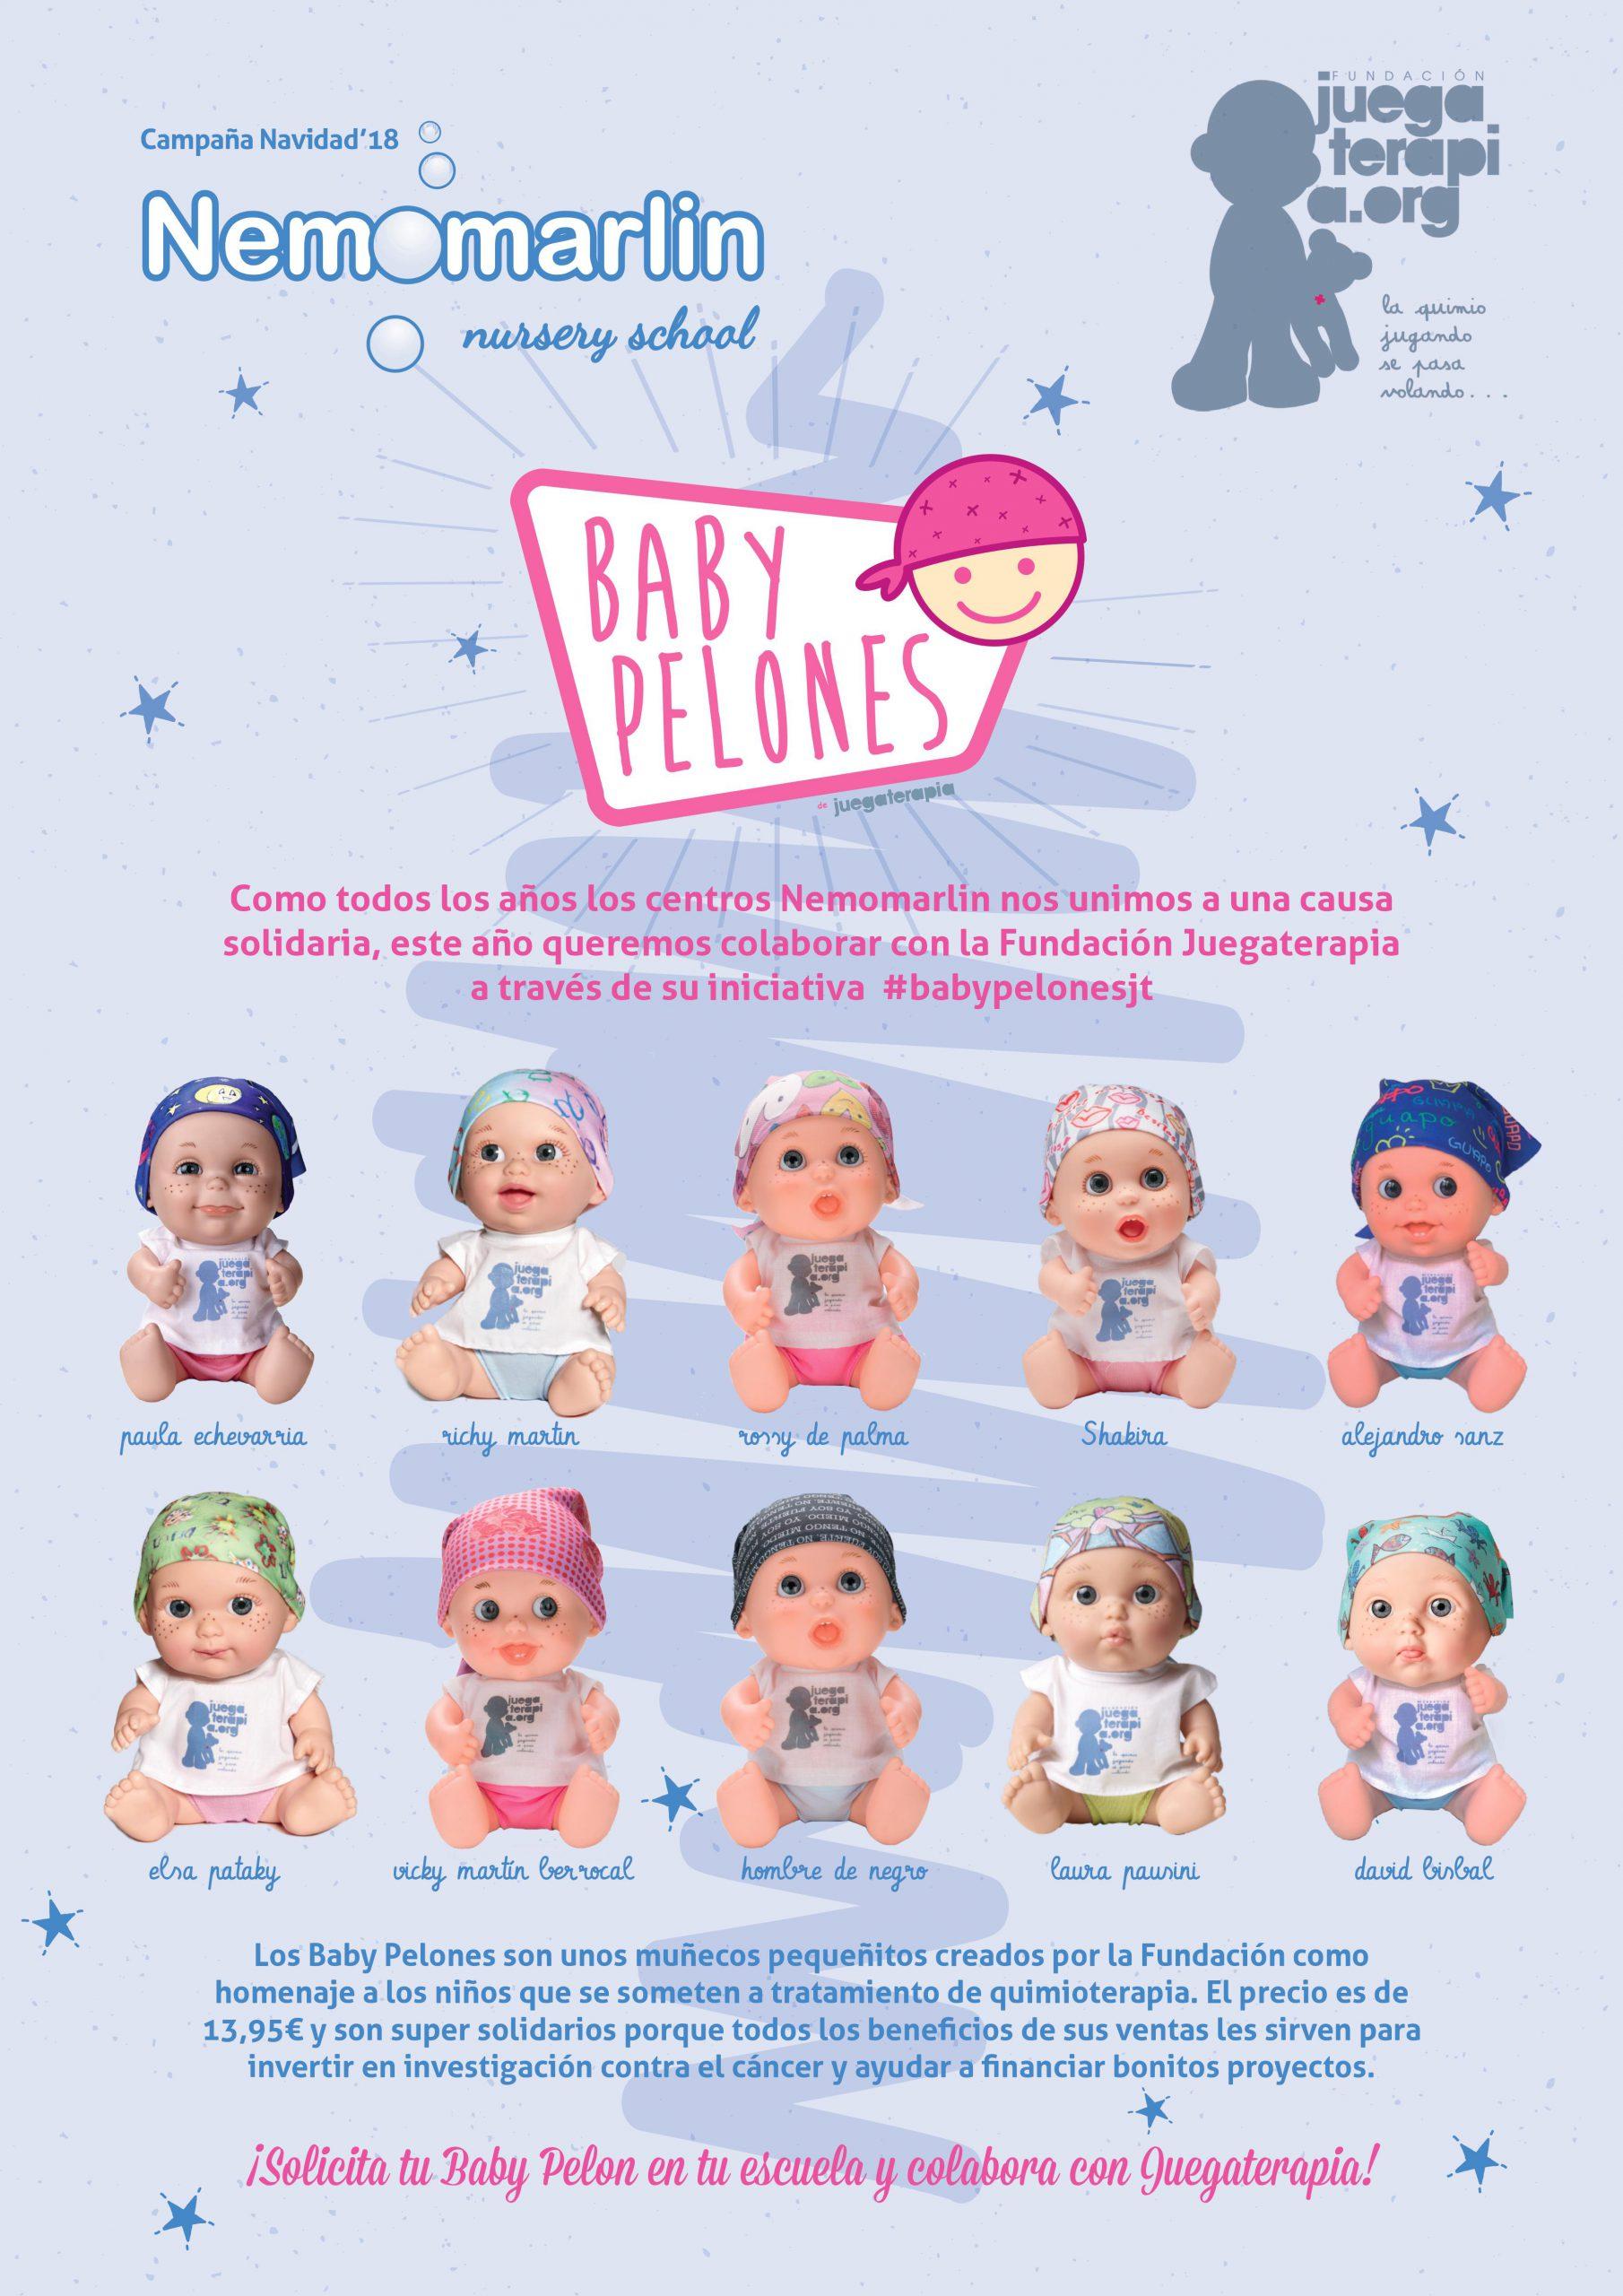 Nemomarlin colabora fundación Juegaterapia con los Baby Pelones